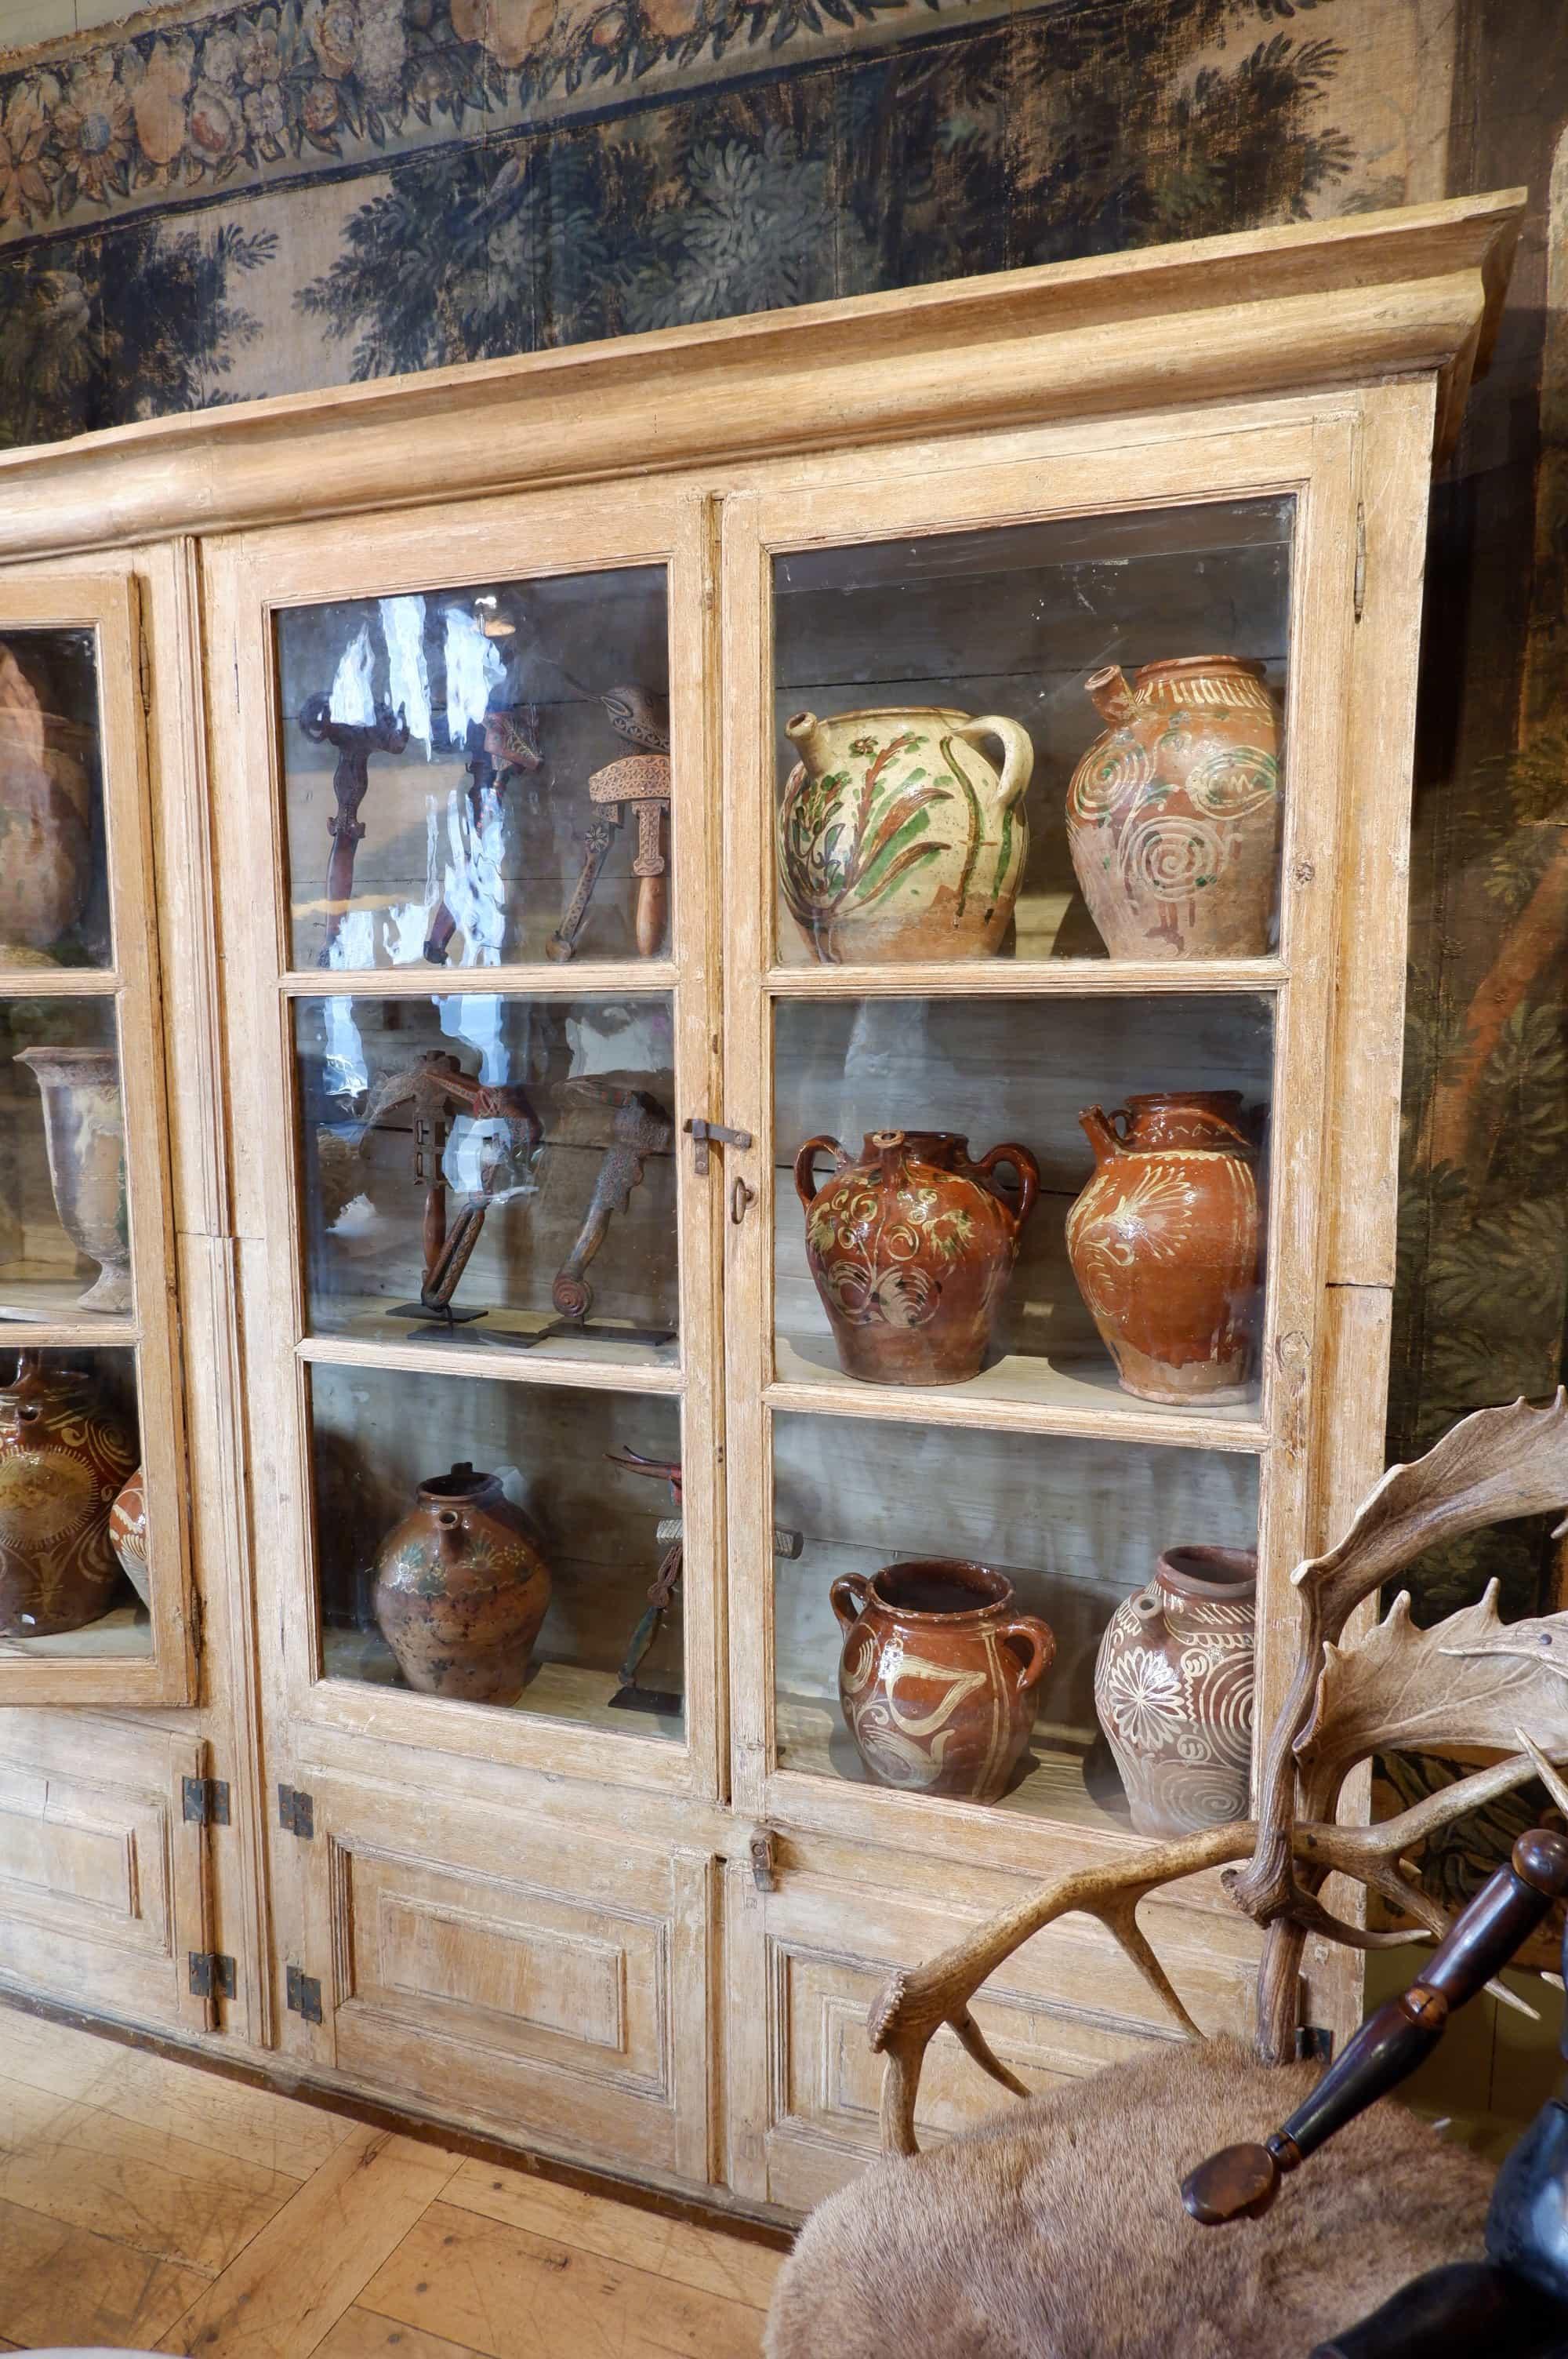 Bibliothèque ou vitrine de présentation patine beige ocre XIXe -Provence